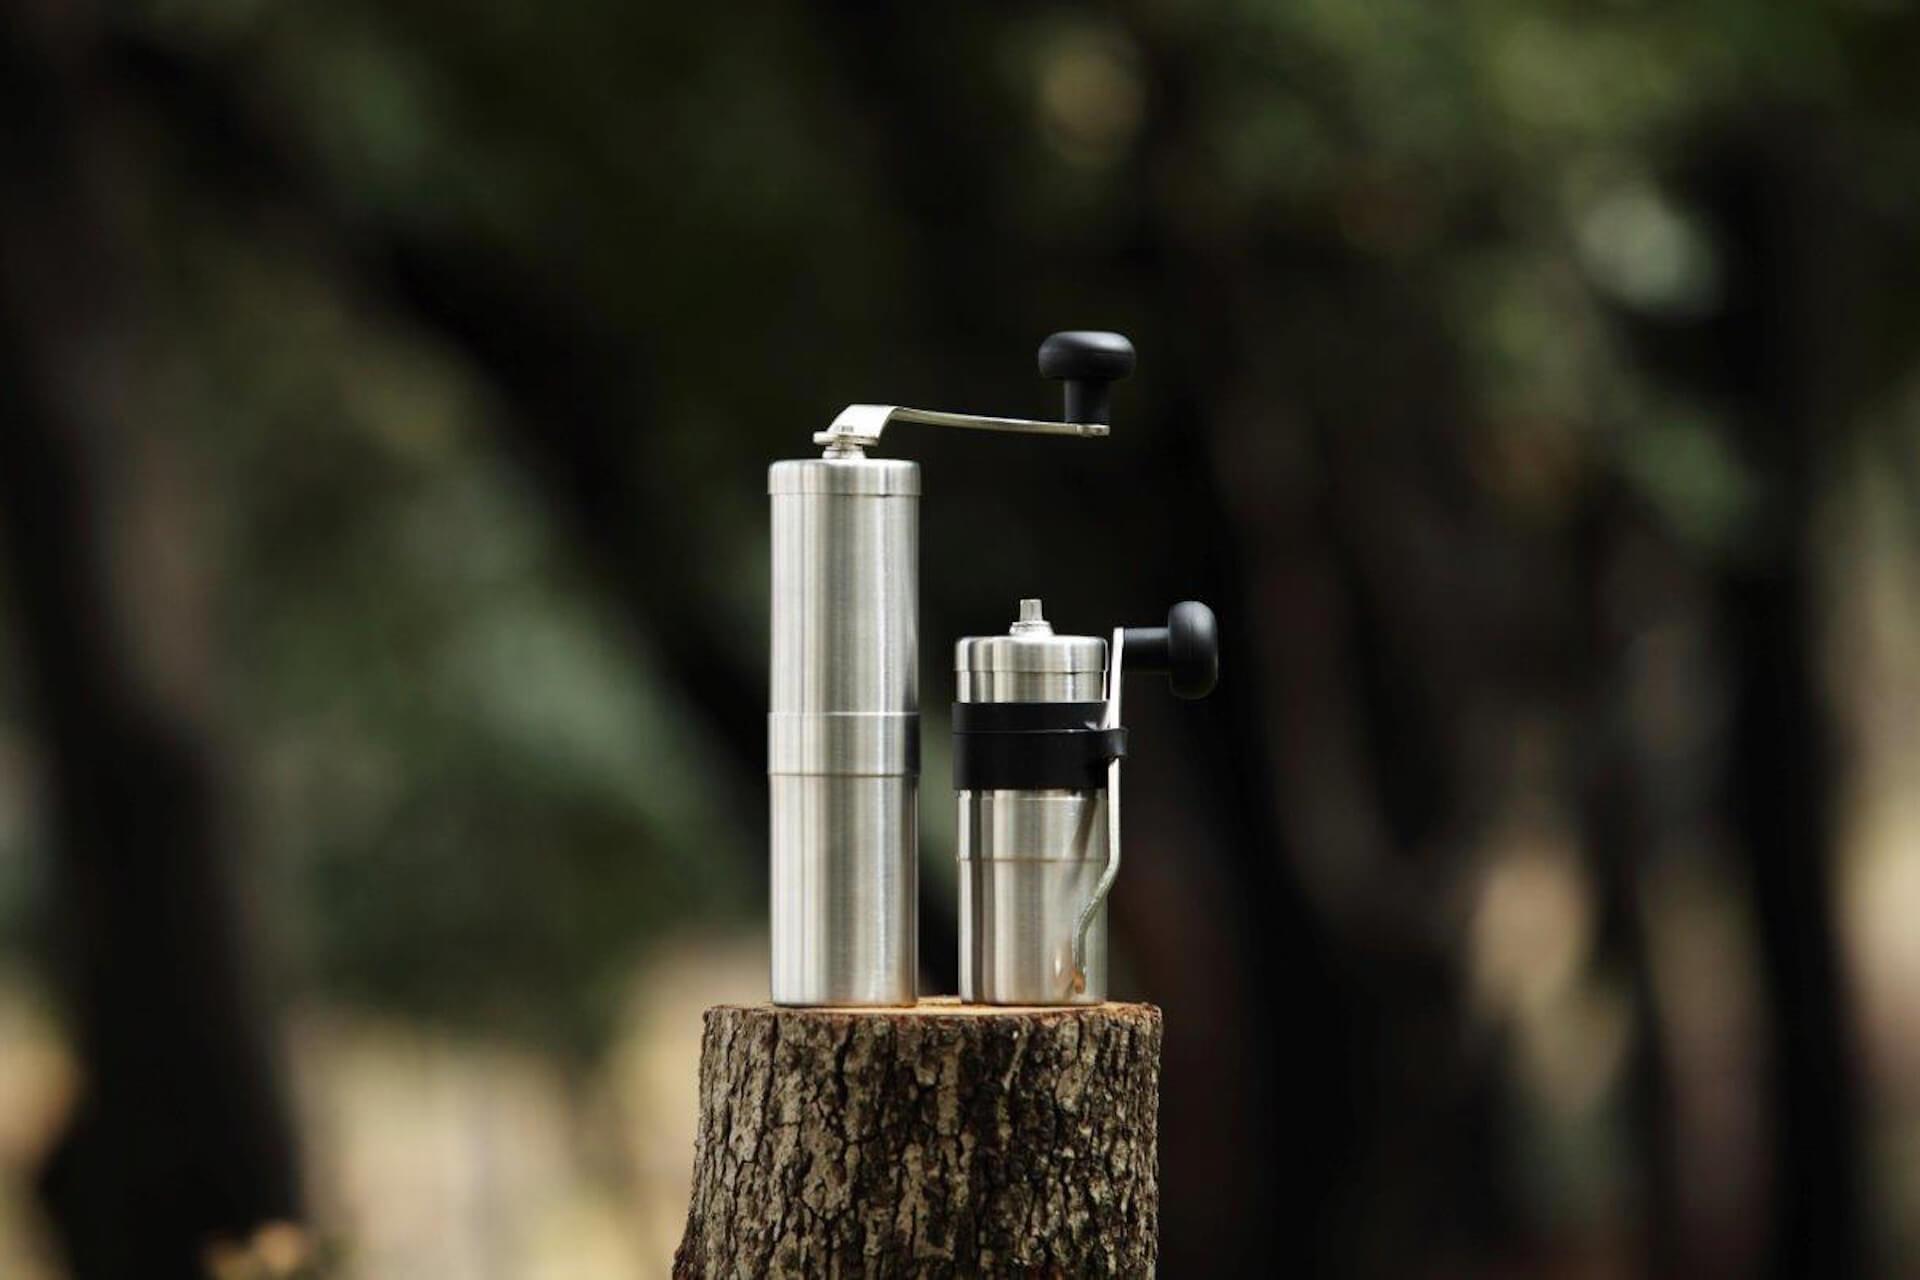 【2021年・コーヒーギア特集】アウトドア&自宅で極上のコーヒータイムを!機能的ギア&厳選コーヒー豆特集 gourmet210303_jeep_coffee_6